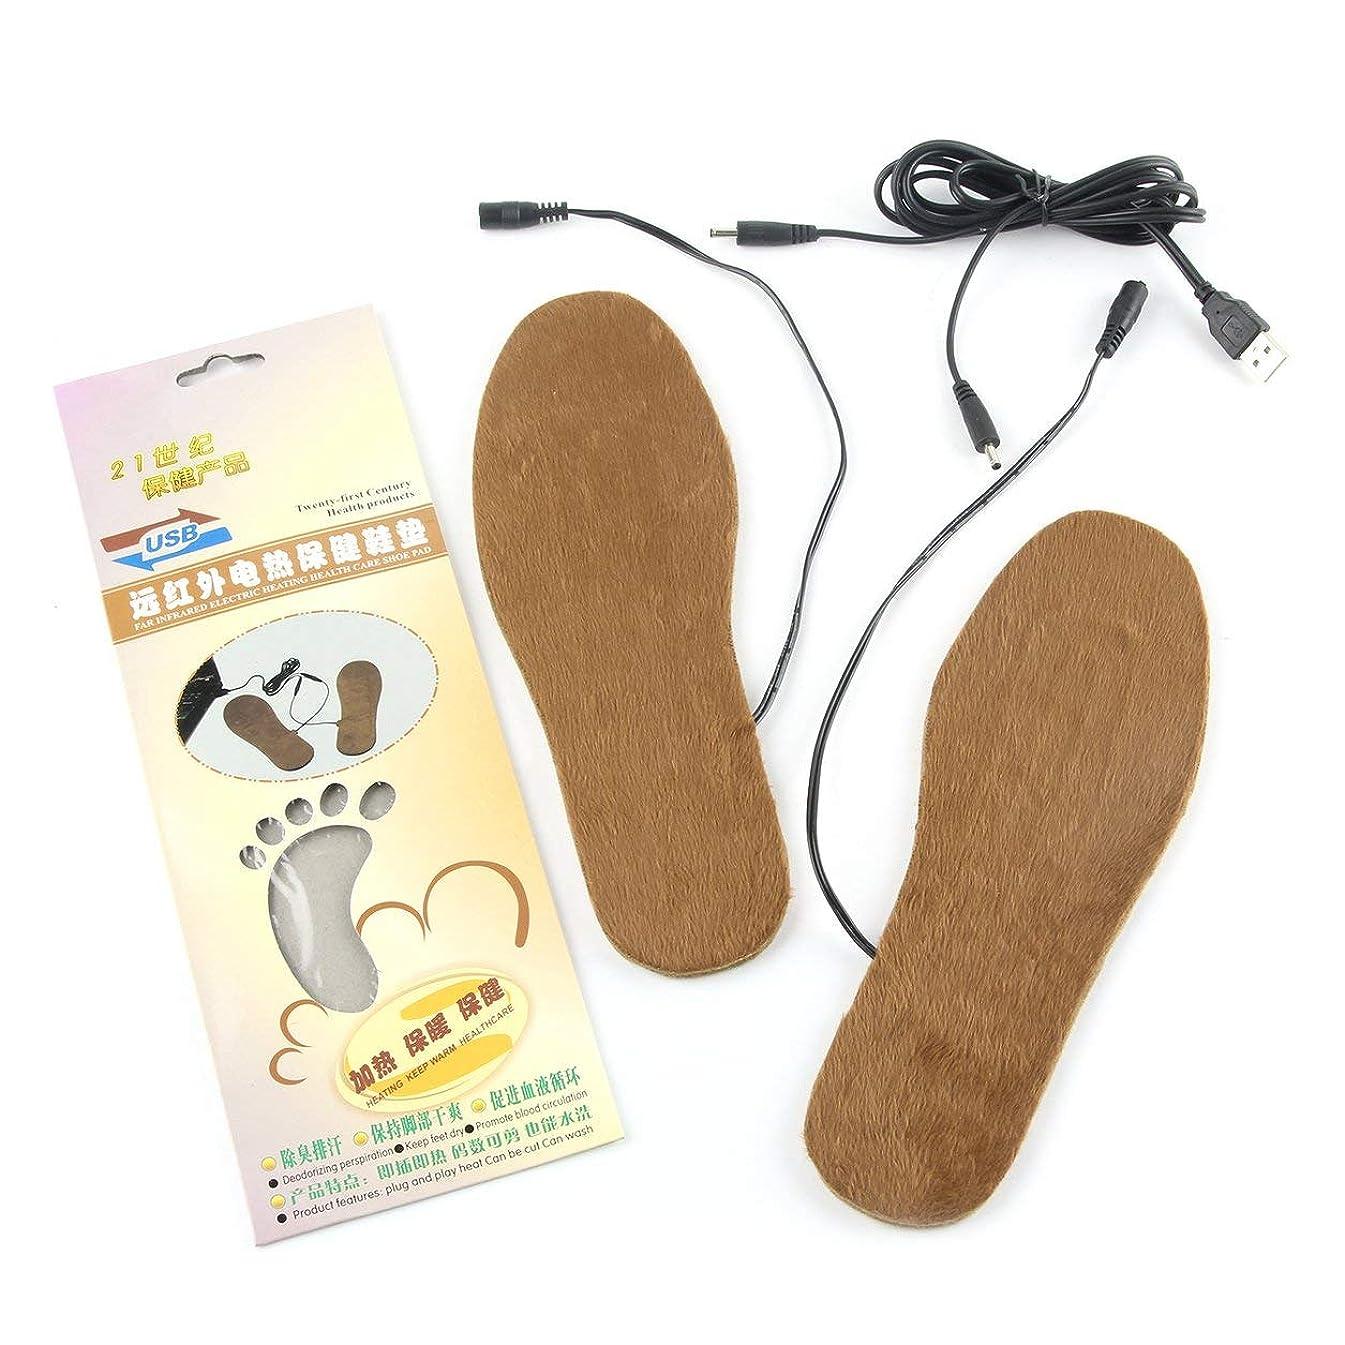 小川ウッズ偽造Saikogoods 1ペア切断可能冬のブーツインソールUSB温水フットウォーマーソフトシューズパッドクッション快適な靴のアクセサリー 淡い茶色 男性用